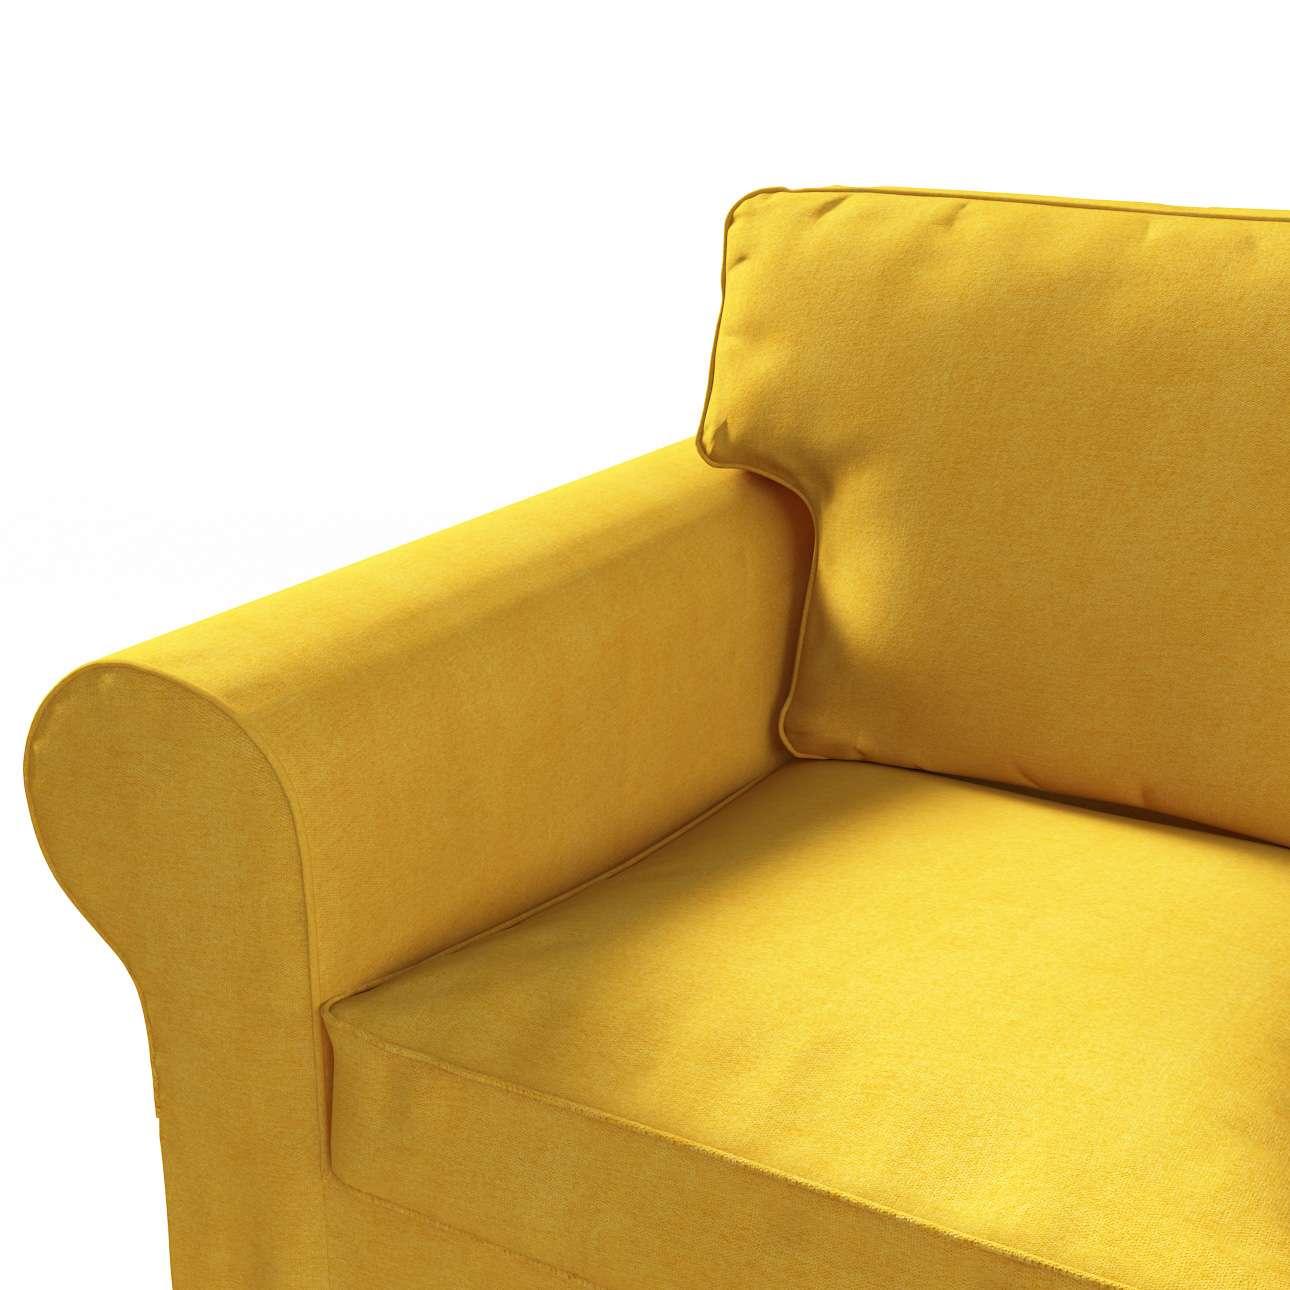 Pokrowiec na sofę Ektorp 3-osobową, rozkładaną NOWY MODEL 2013 Ektorp 3-os rozkładany nowy model 2013 w kolekcji Etna , tkanina: 705-04